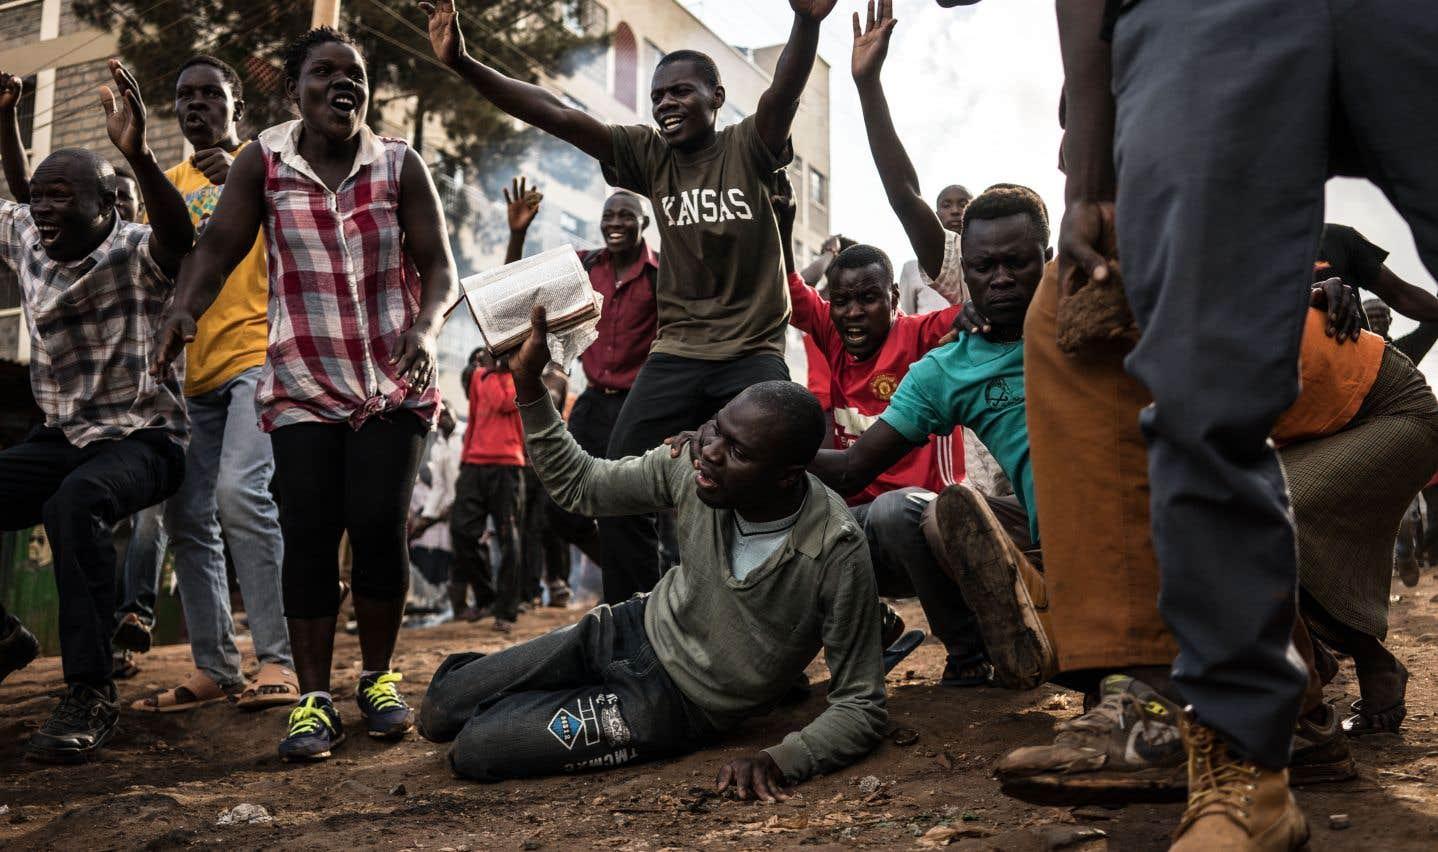 Un groupe de sympathisants de l'opposition kényane manifestent dans un contexte post-électoral violent à Kawangware, proche de la capitale Nairobi, vendredi.